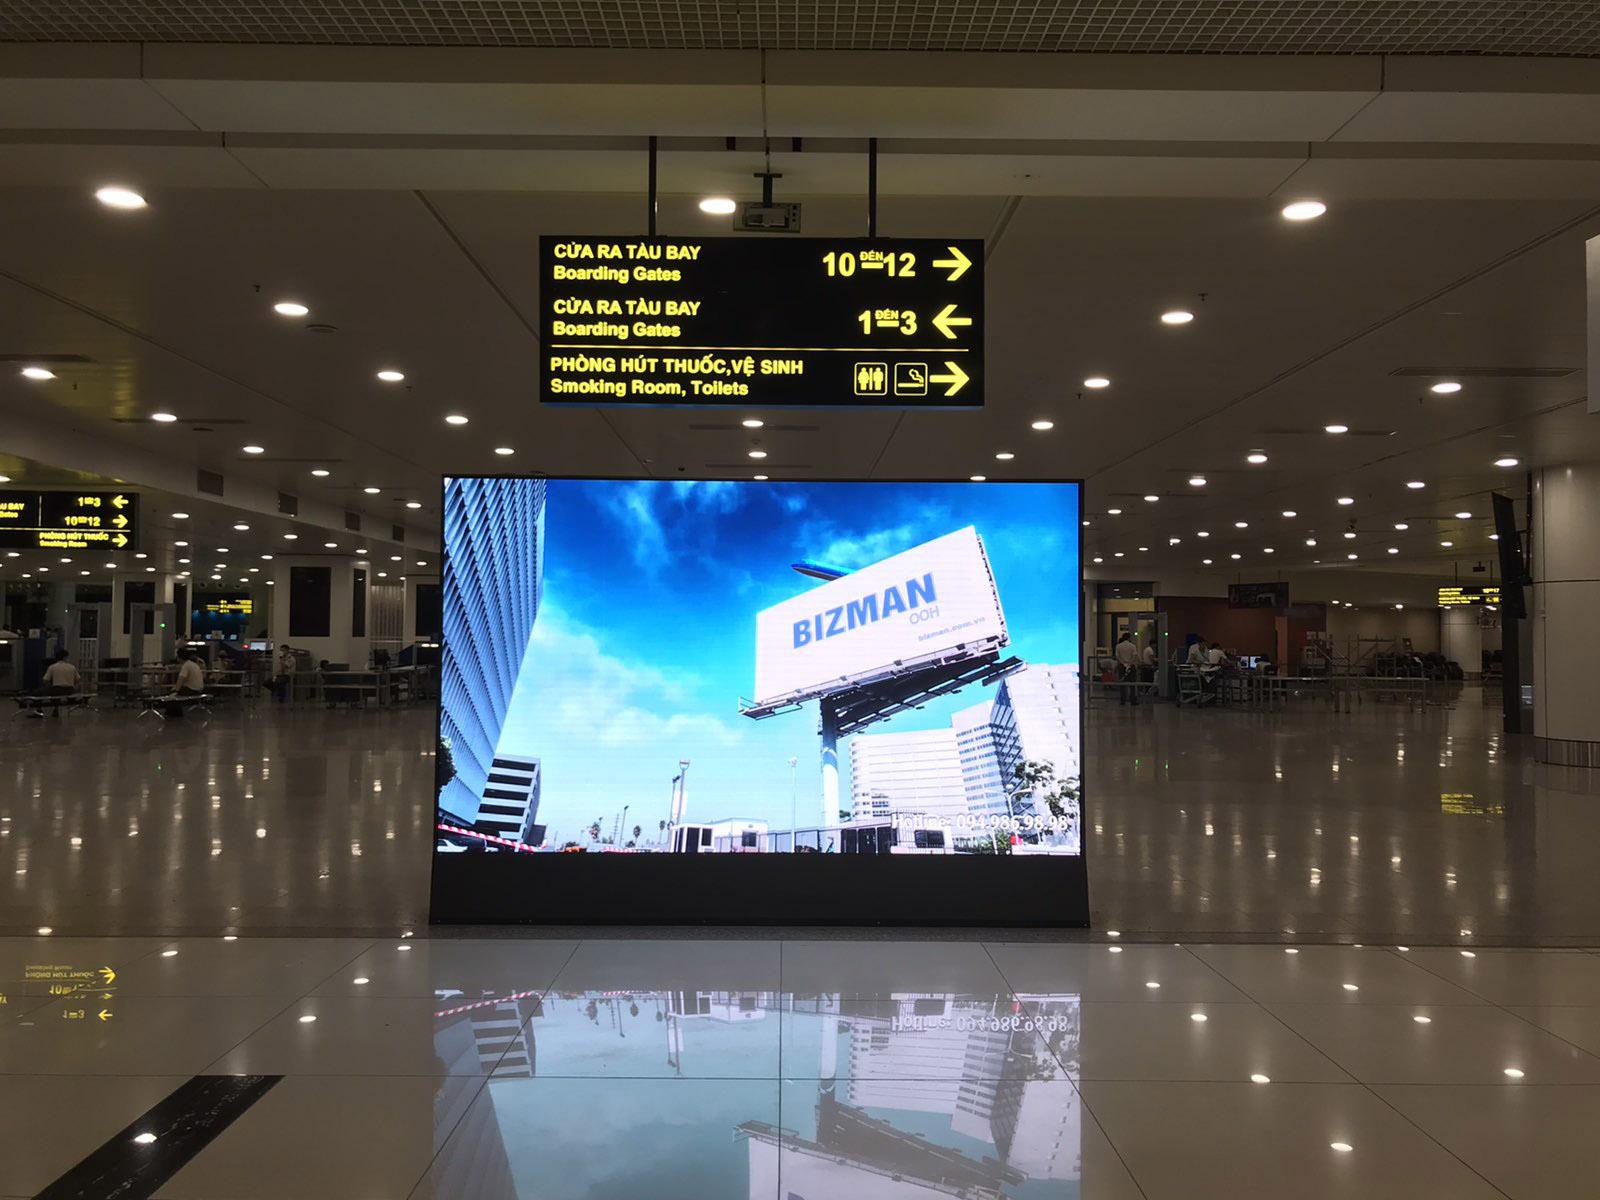 Quảng cáo sân bay - Nâng tầm thương hiệu doanh nghiệp hiệu quả!